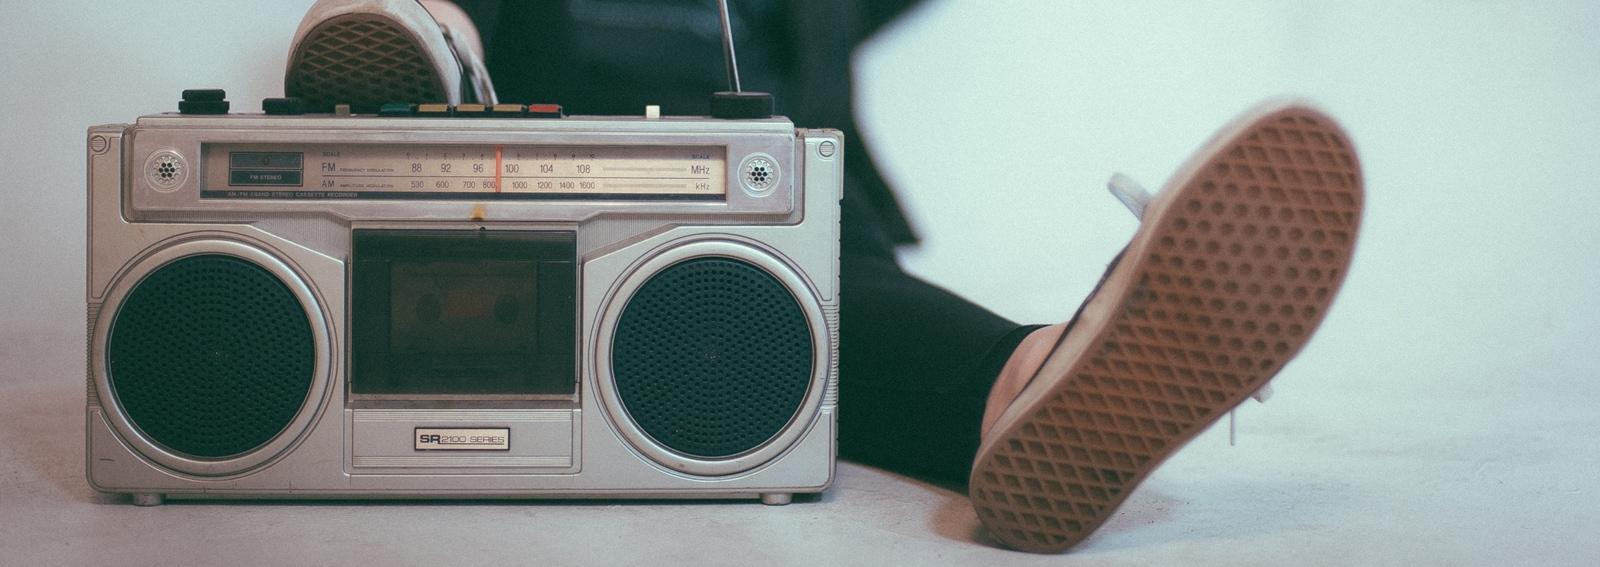 visore-musica-fa-bene-desk